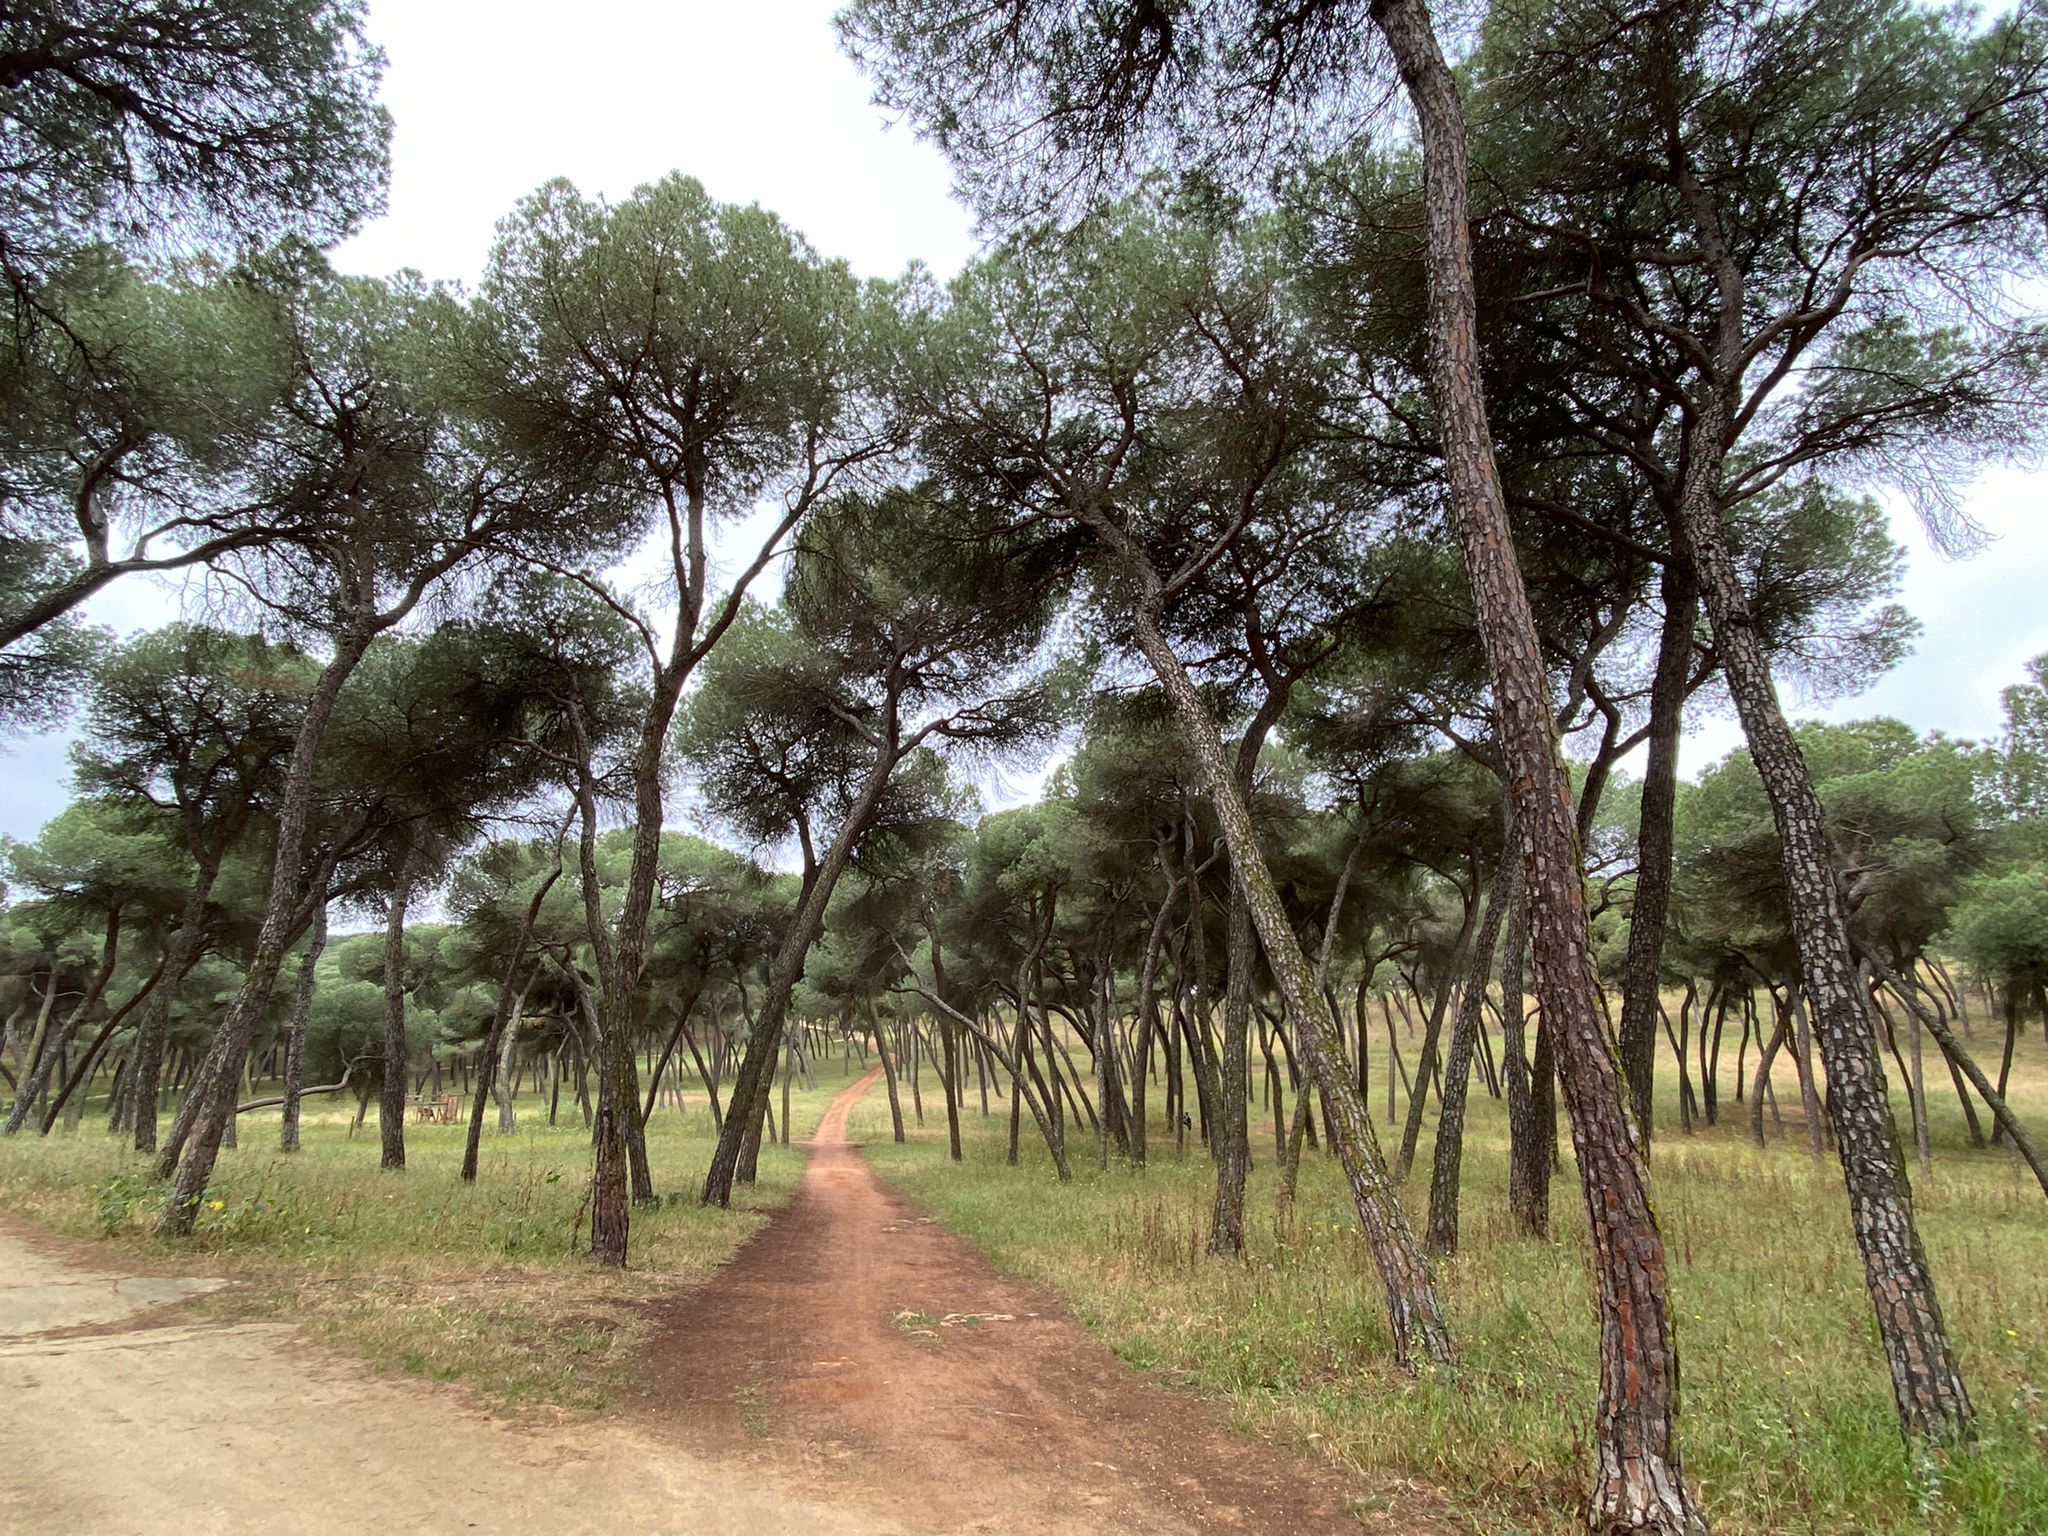 Pinar oromana